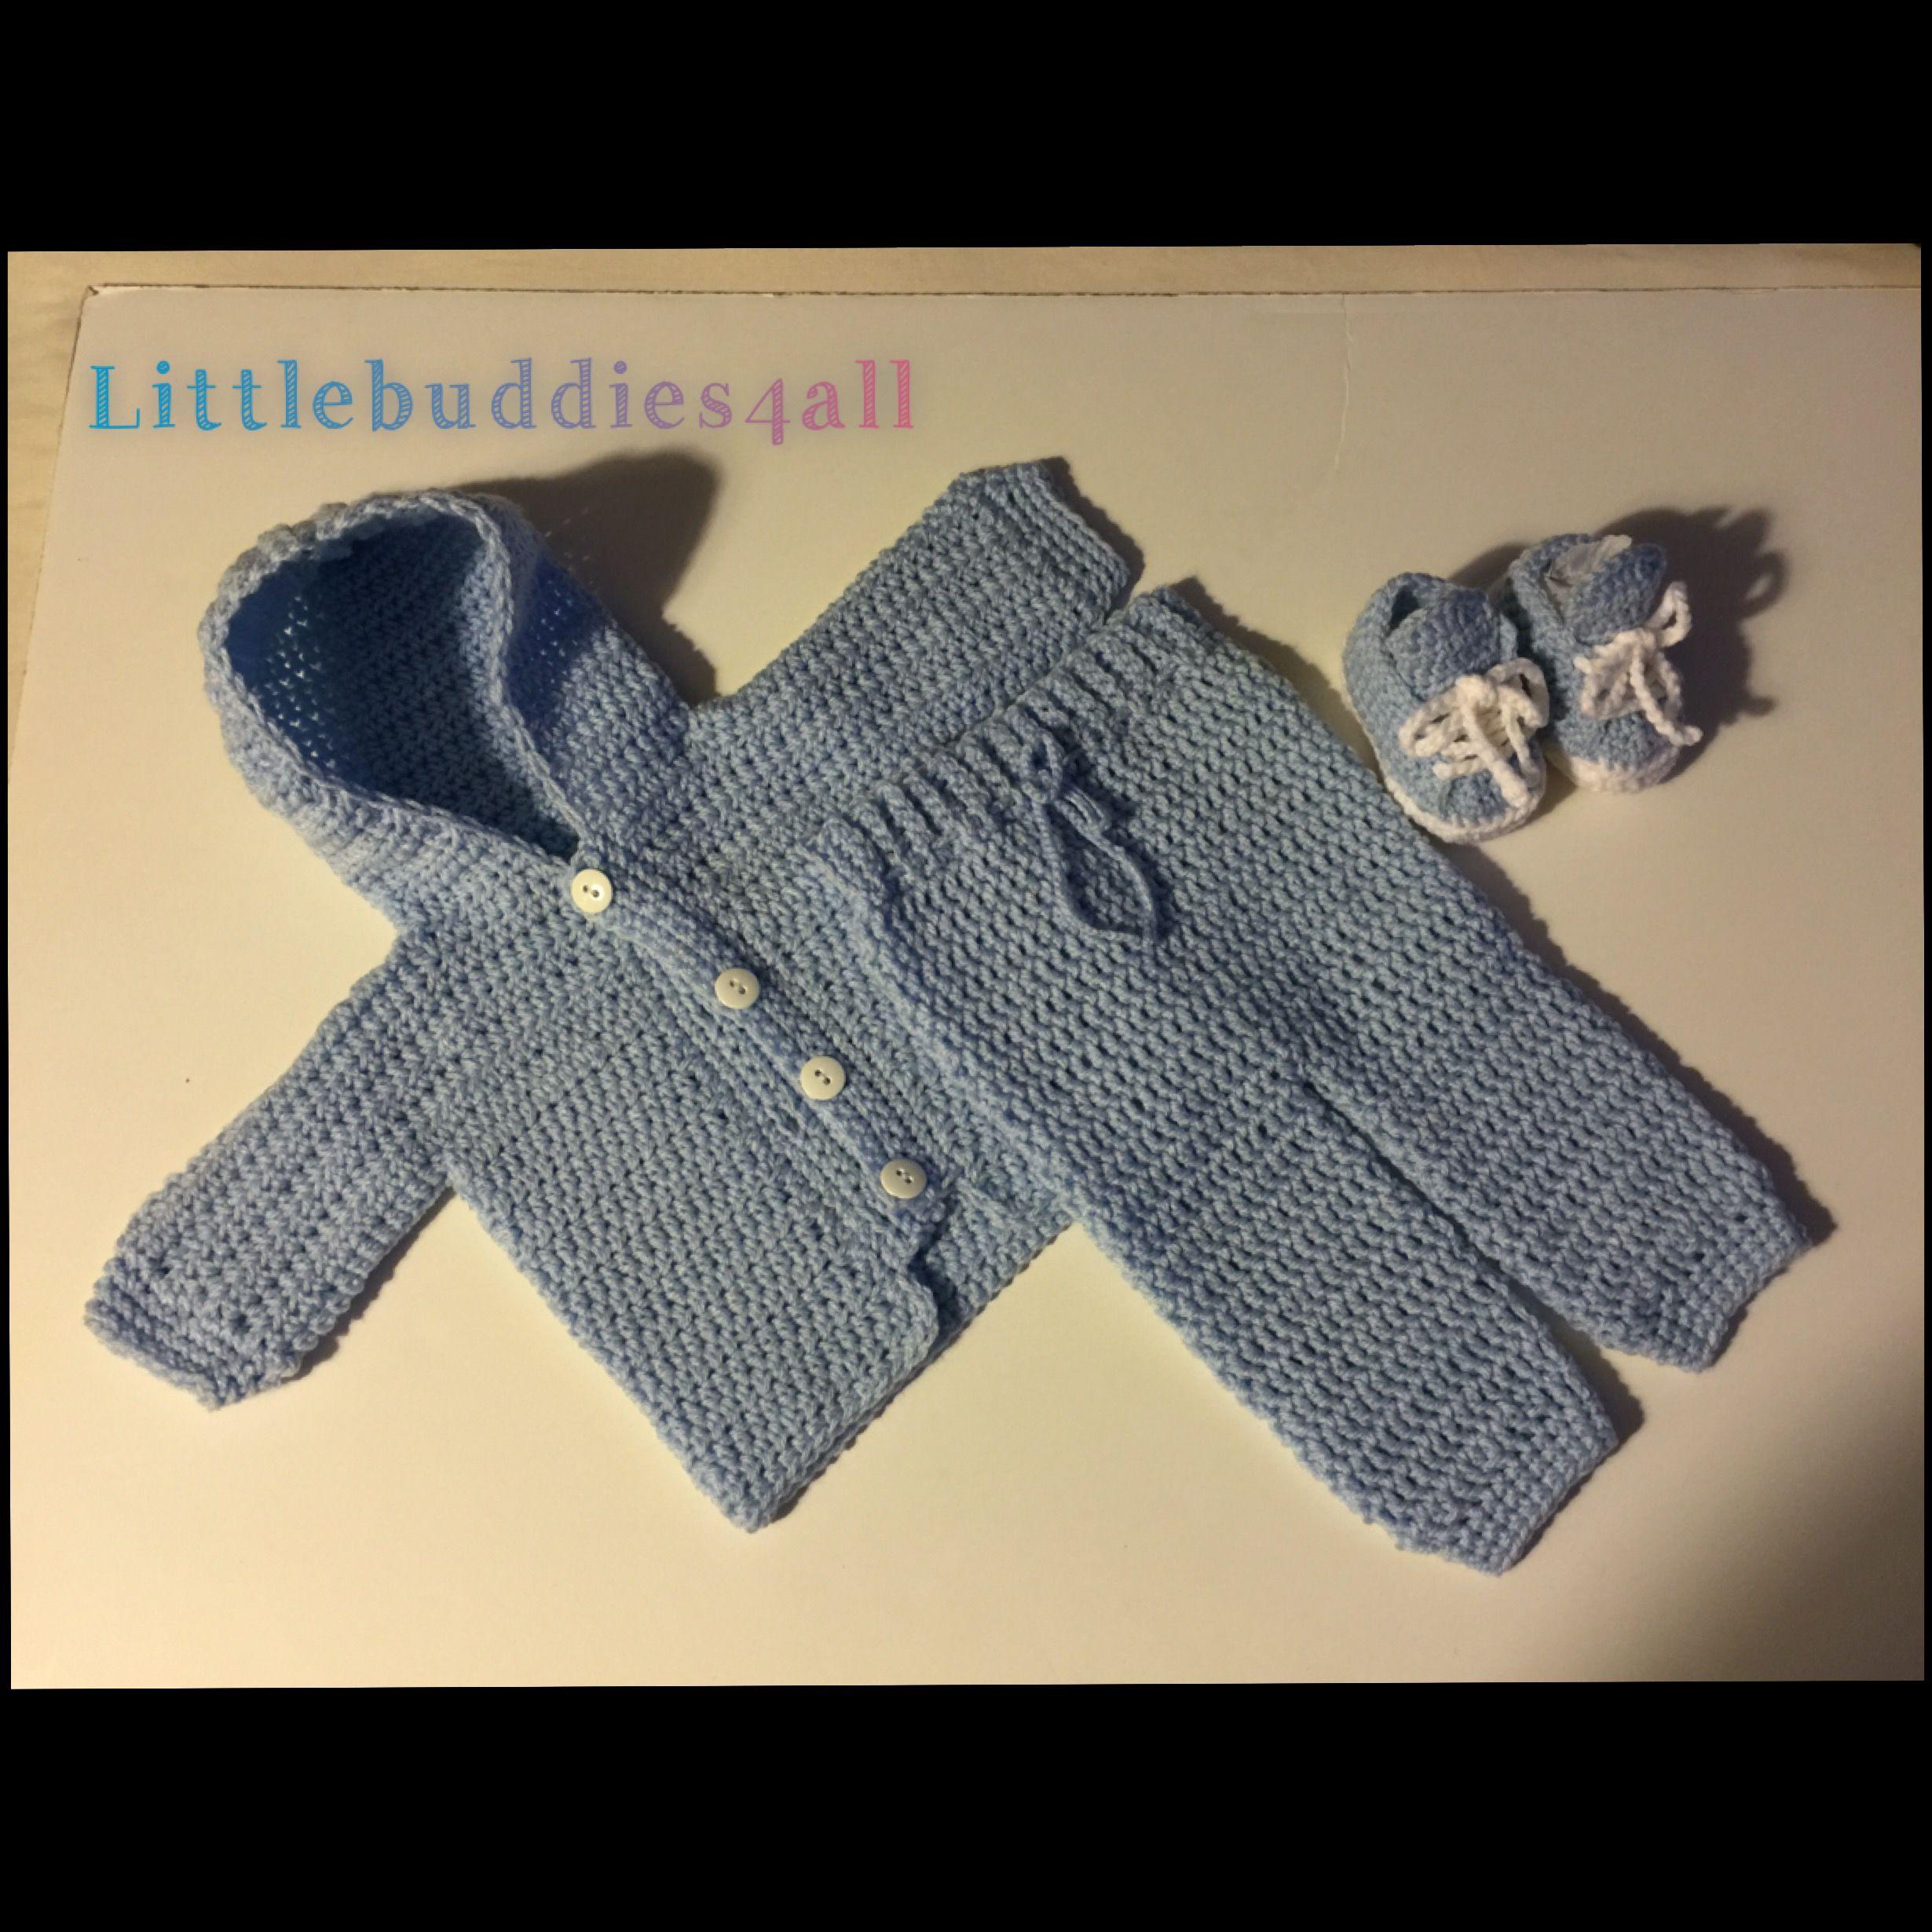 Crochet newborn hooded sweater set Littlebuddies4all